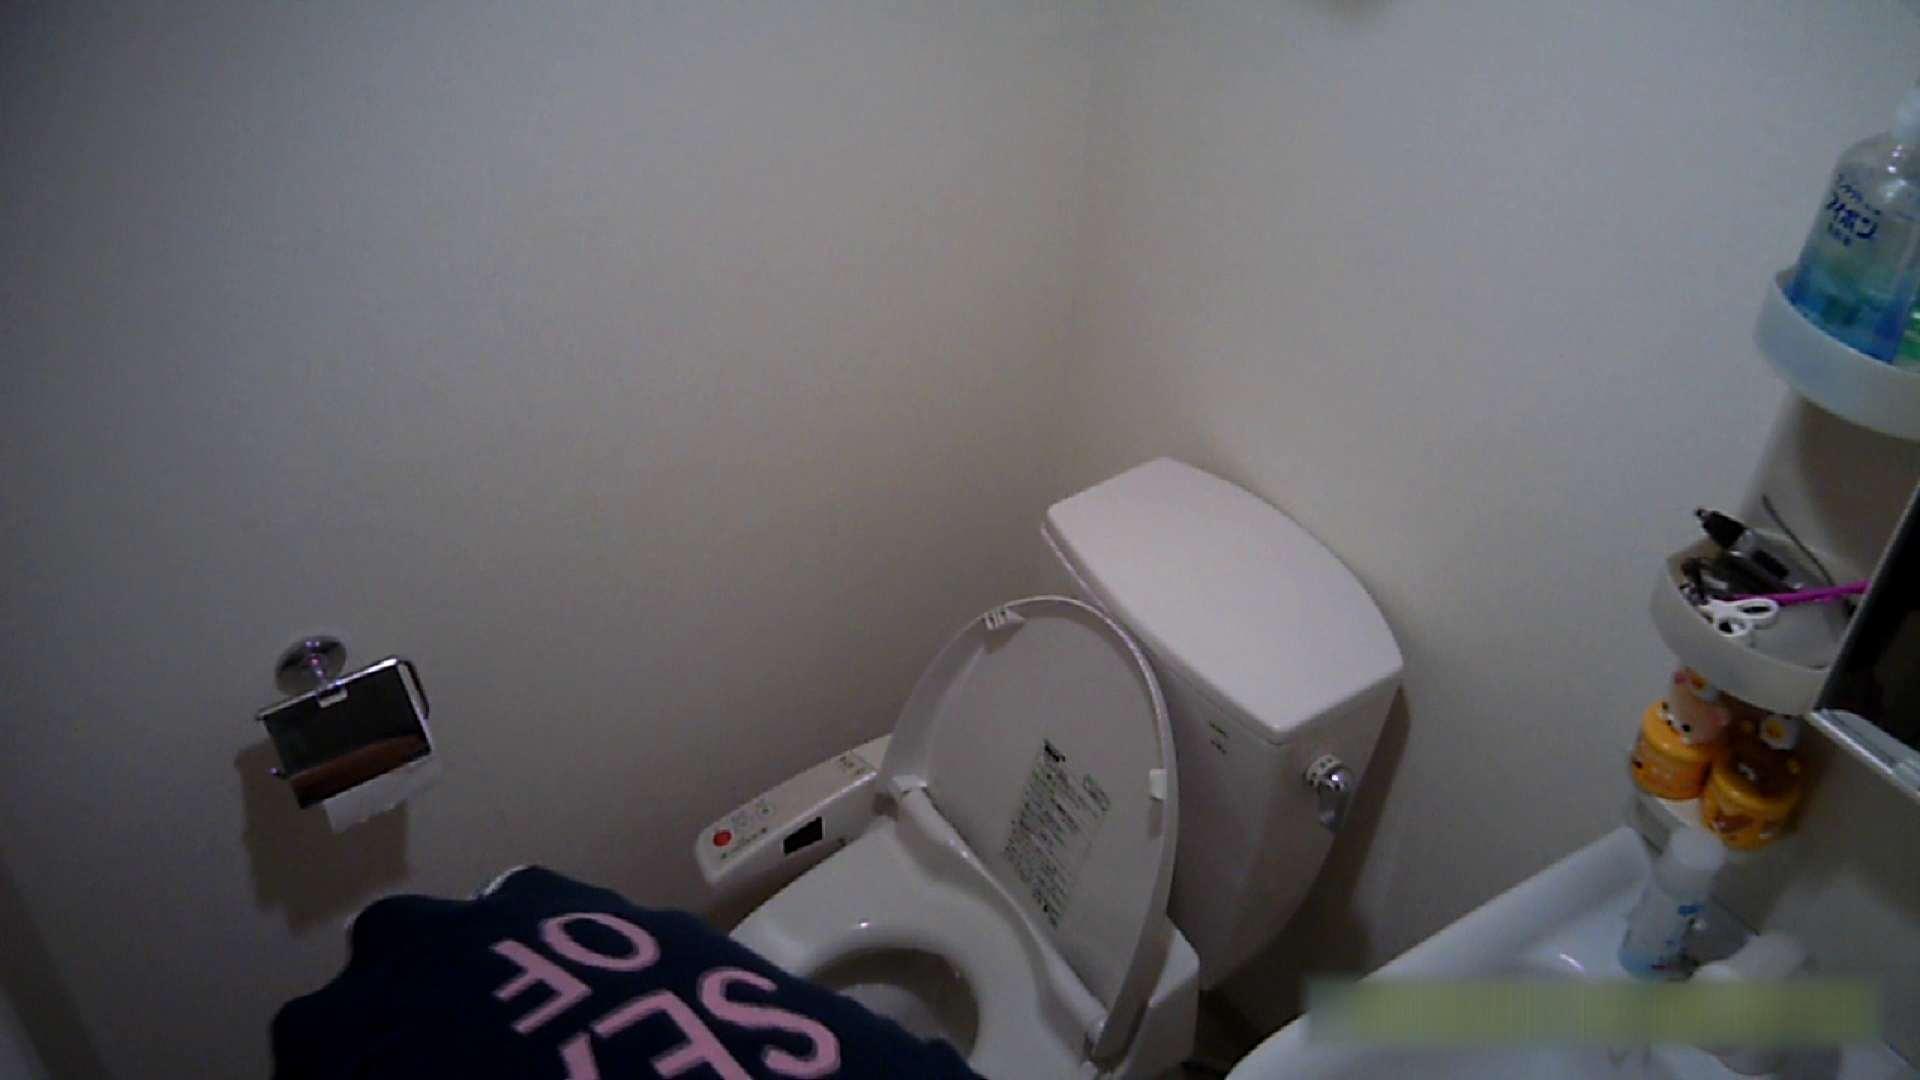 清楚な顔してかなり敏感なE子25歳(仮名)Vol.04 トイレ編 洗面所 | お姉さん攻略  62画像 53